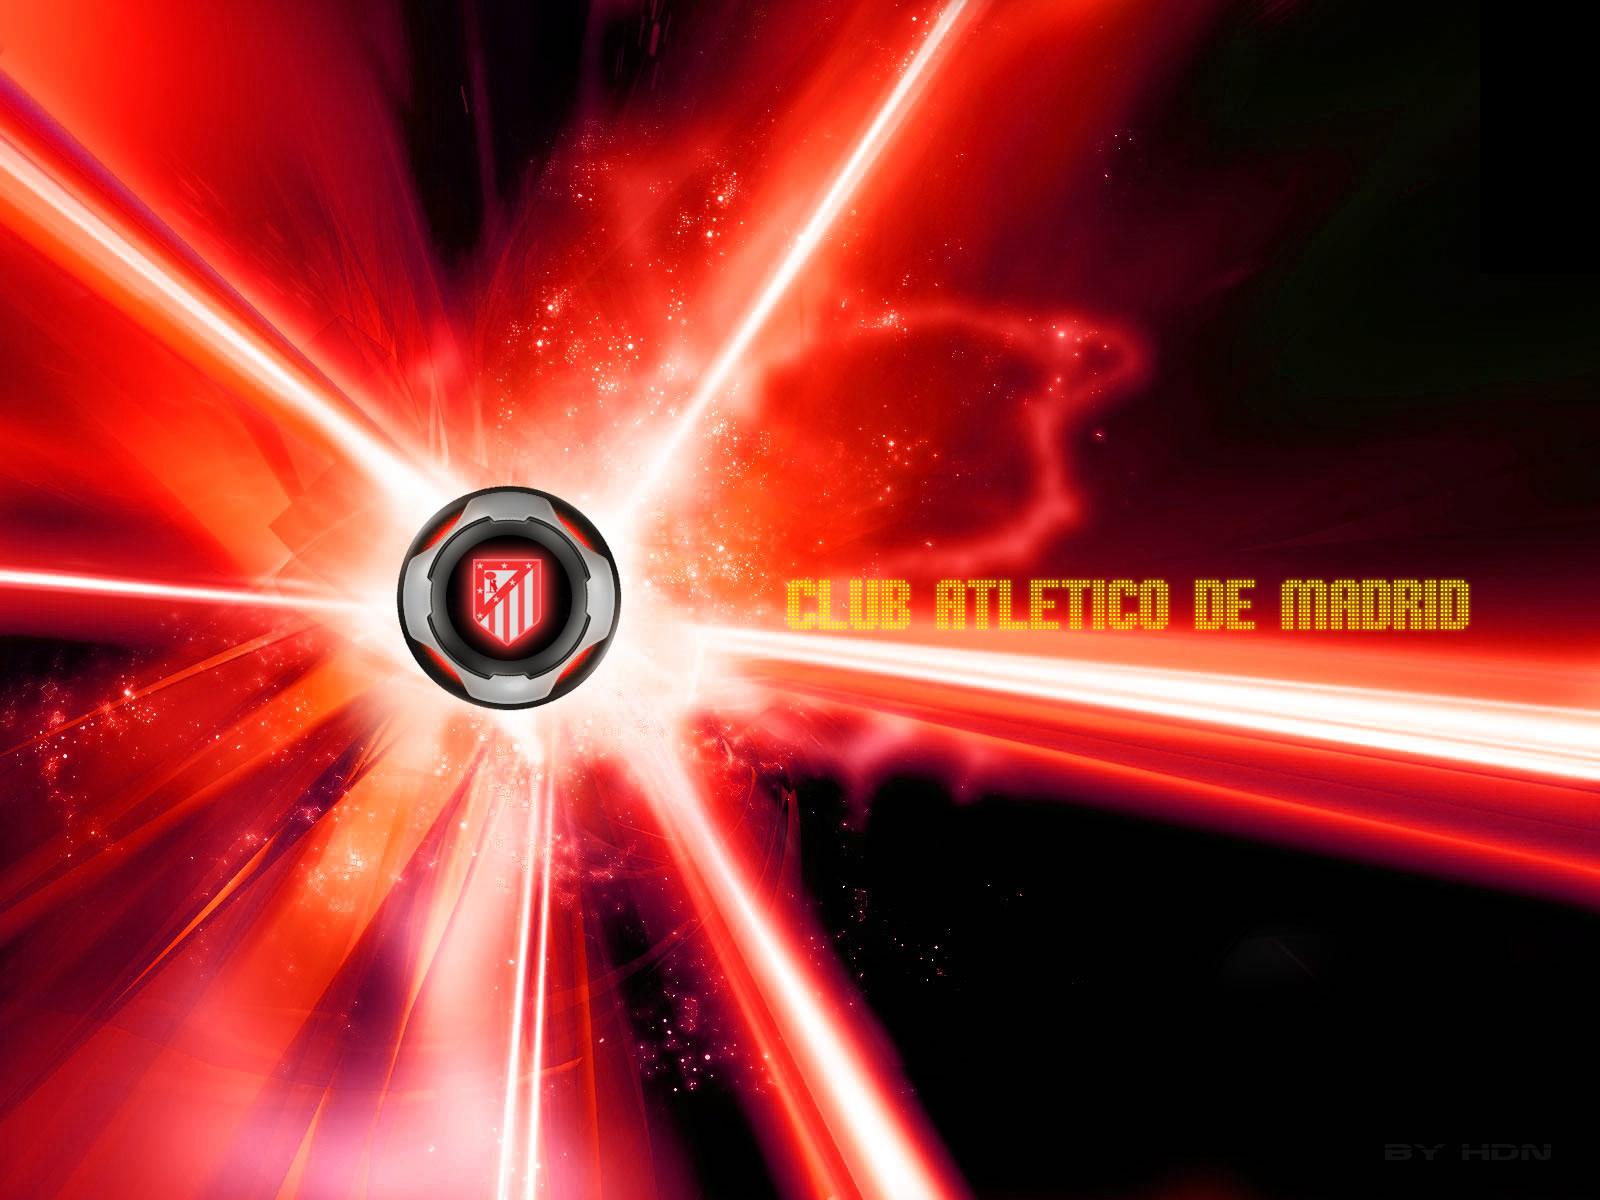 de Atltico de Madrid Fondos de pantalla de Club Atltico de 1600x1200